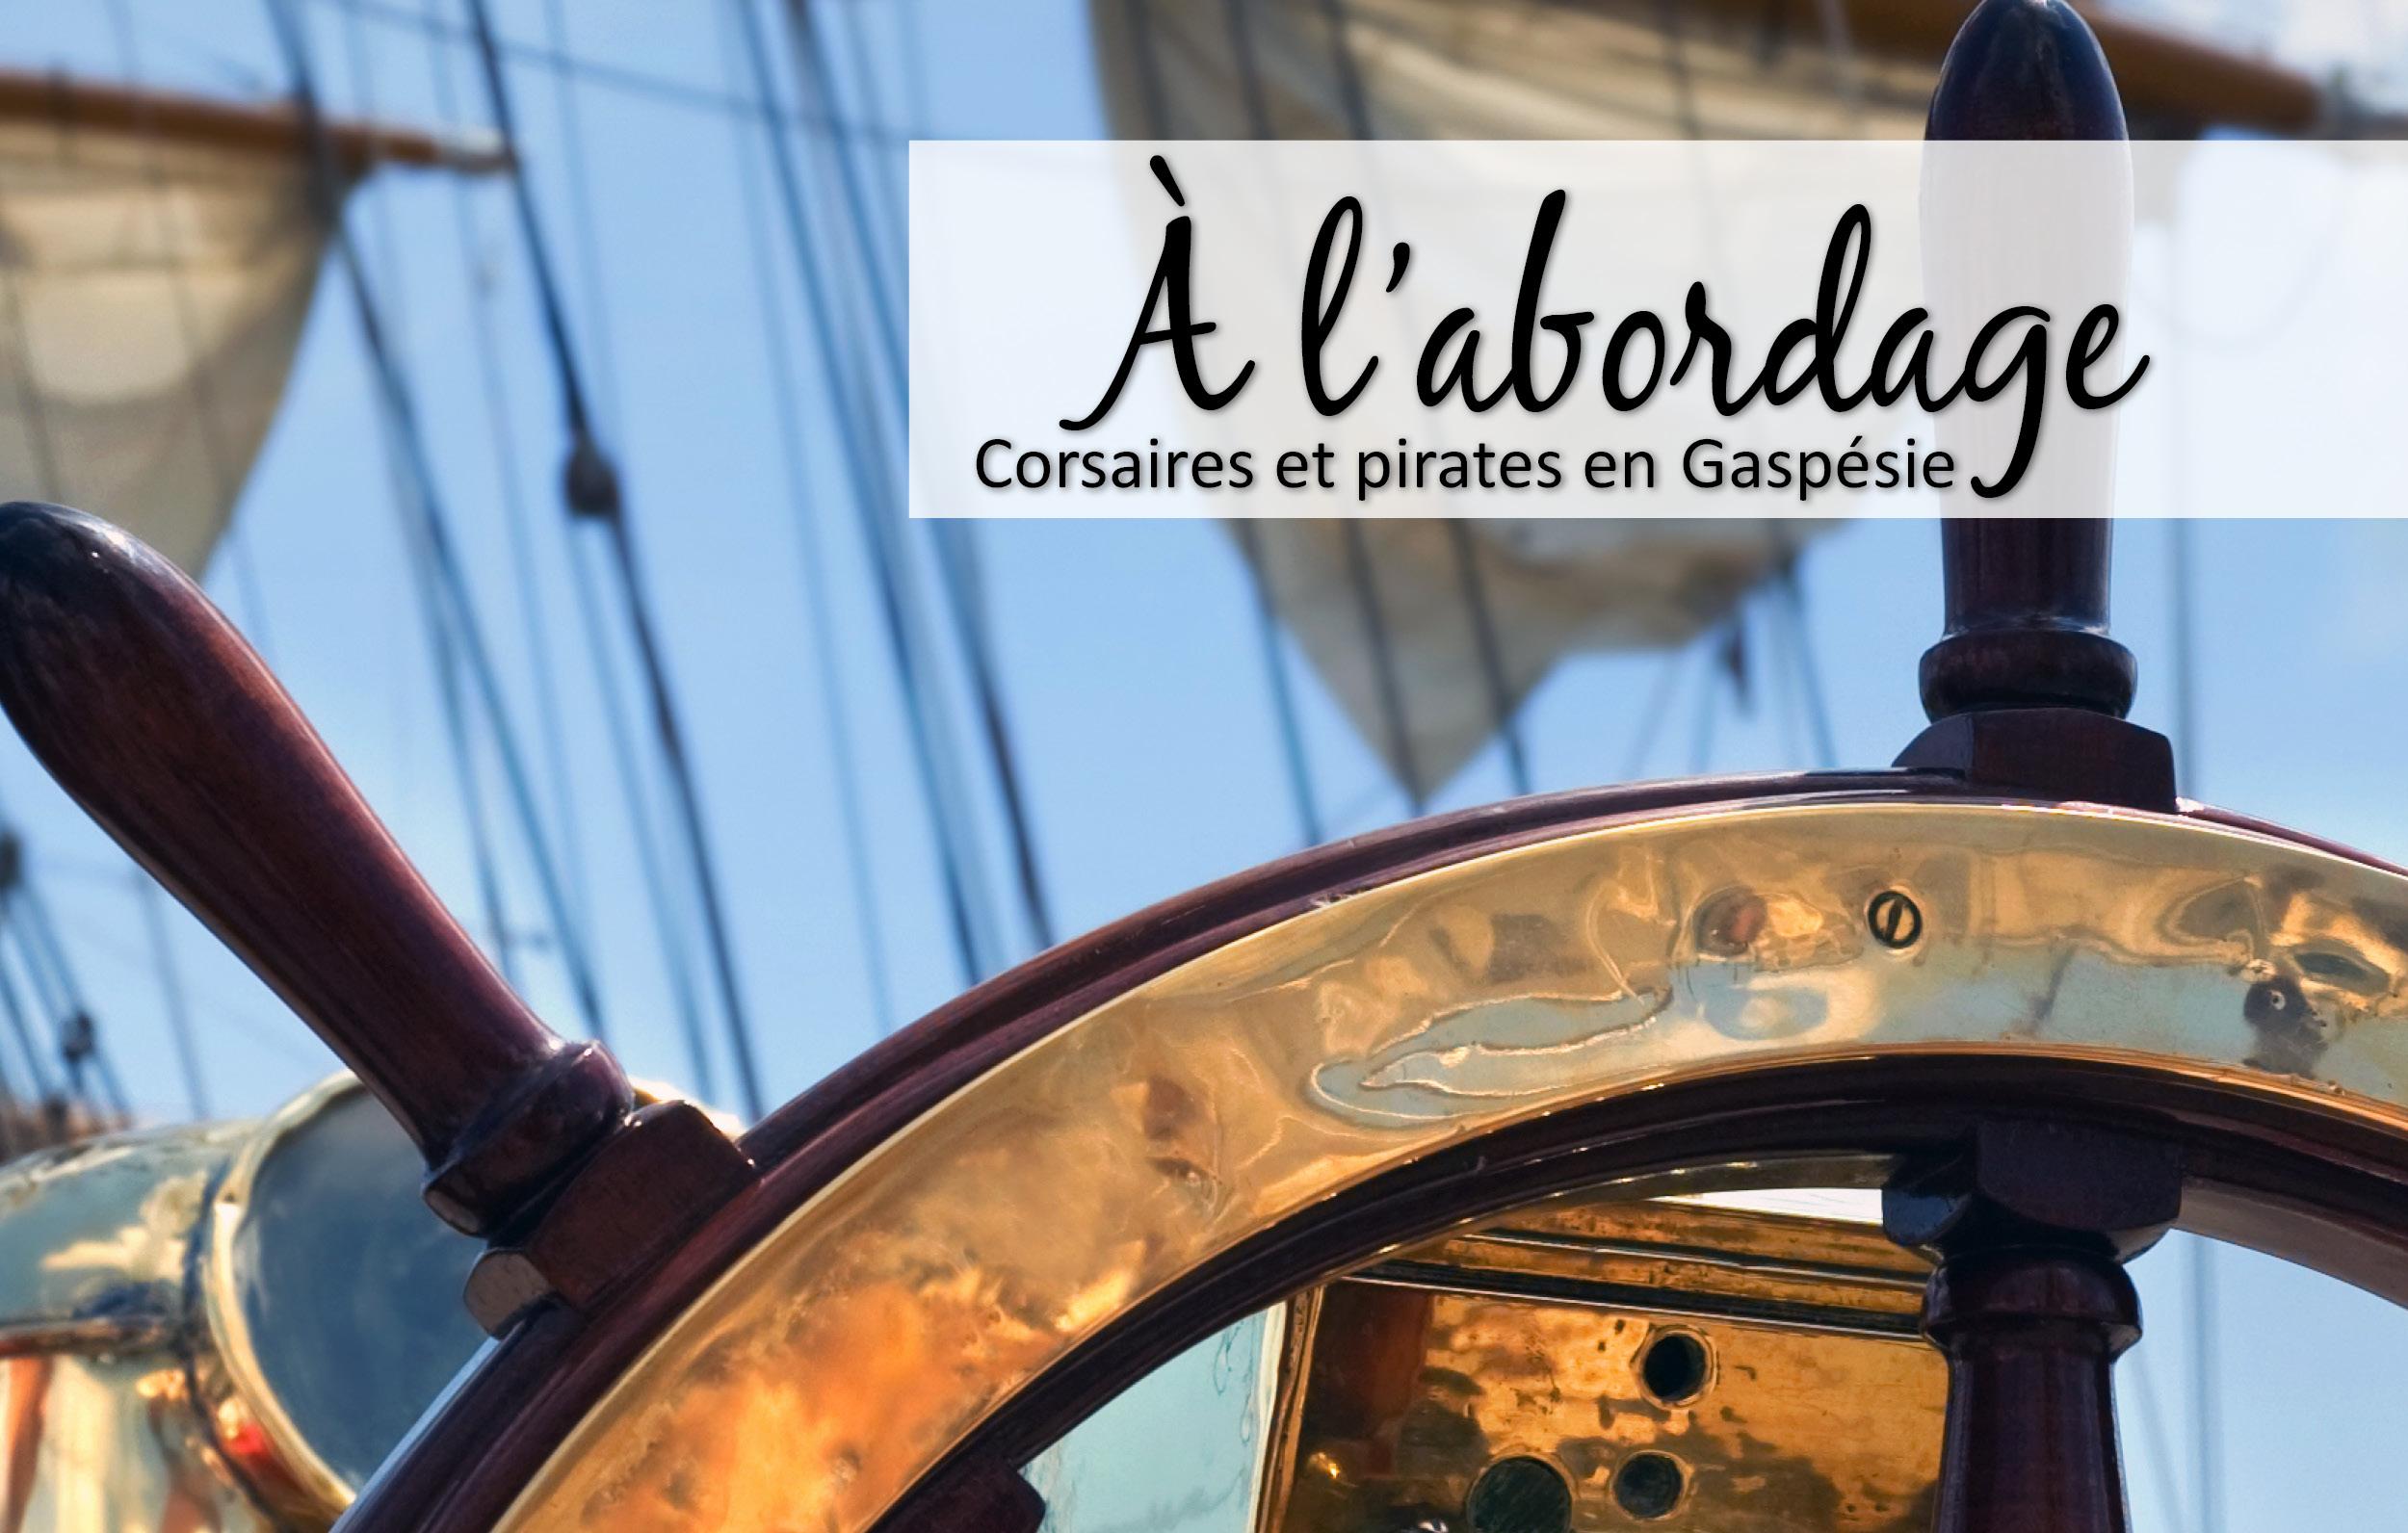 Exposition À l'arbordage, corsaires et pirates en Gaspésie